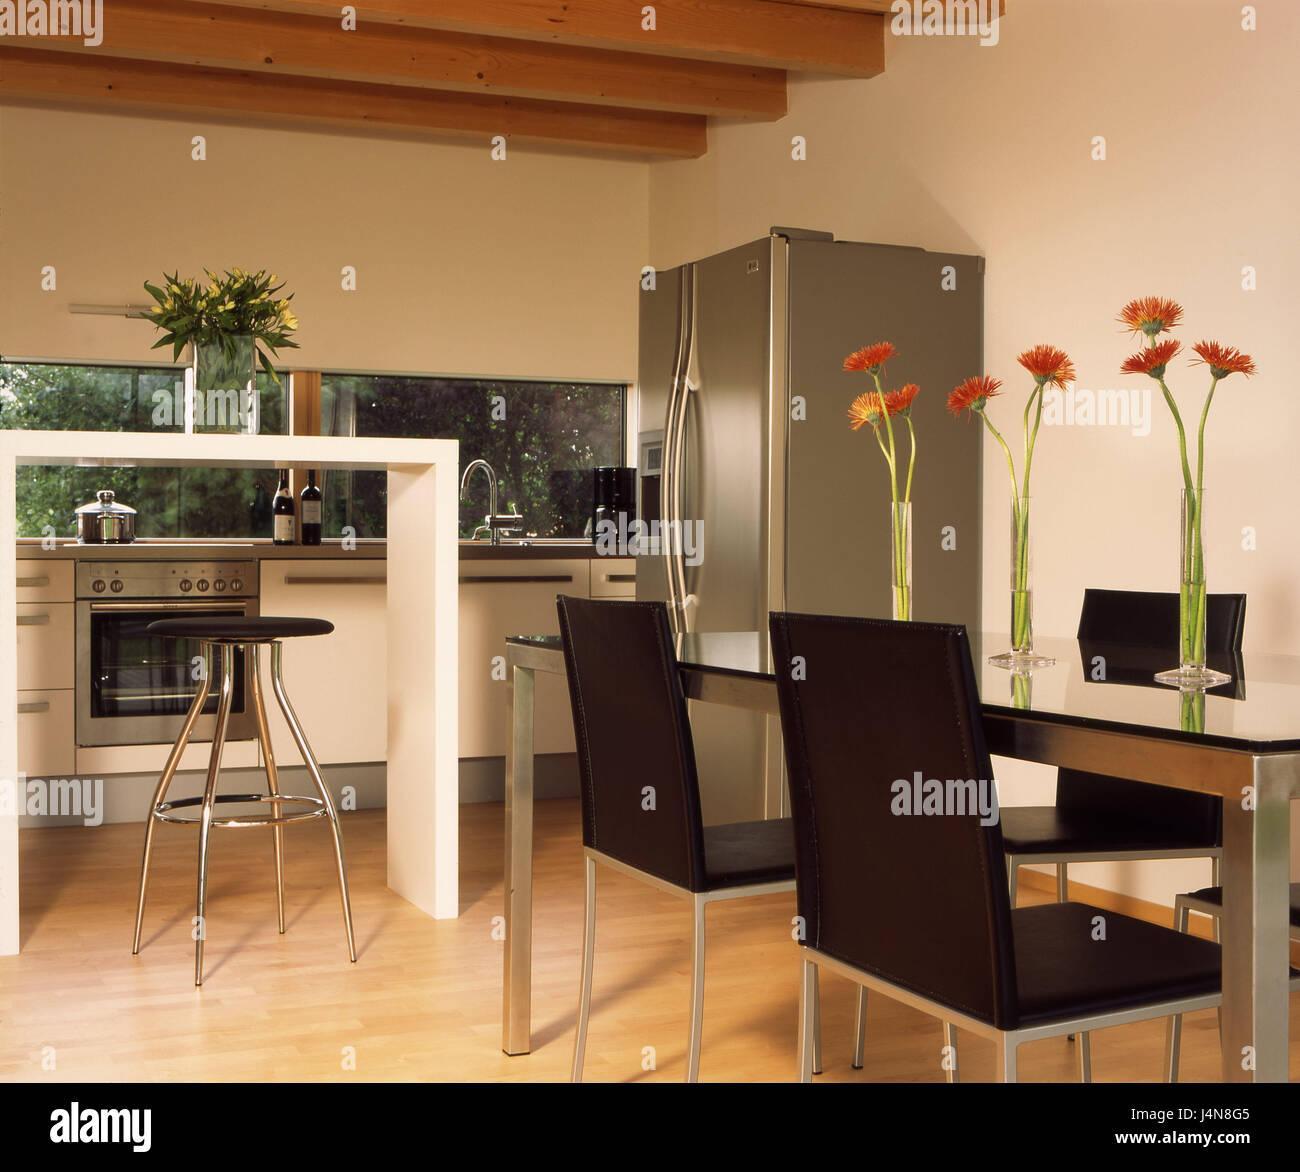 Wohnhaus Eberle, Küche, Restaurants, Bereich, Moderne, Wohn Haus,  Einfamilienhaus, Eigenheim, Haus, Innen, Inneneinrichtung, Innenarchitektur,  Live, ...